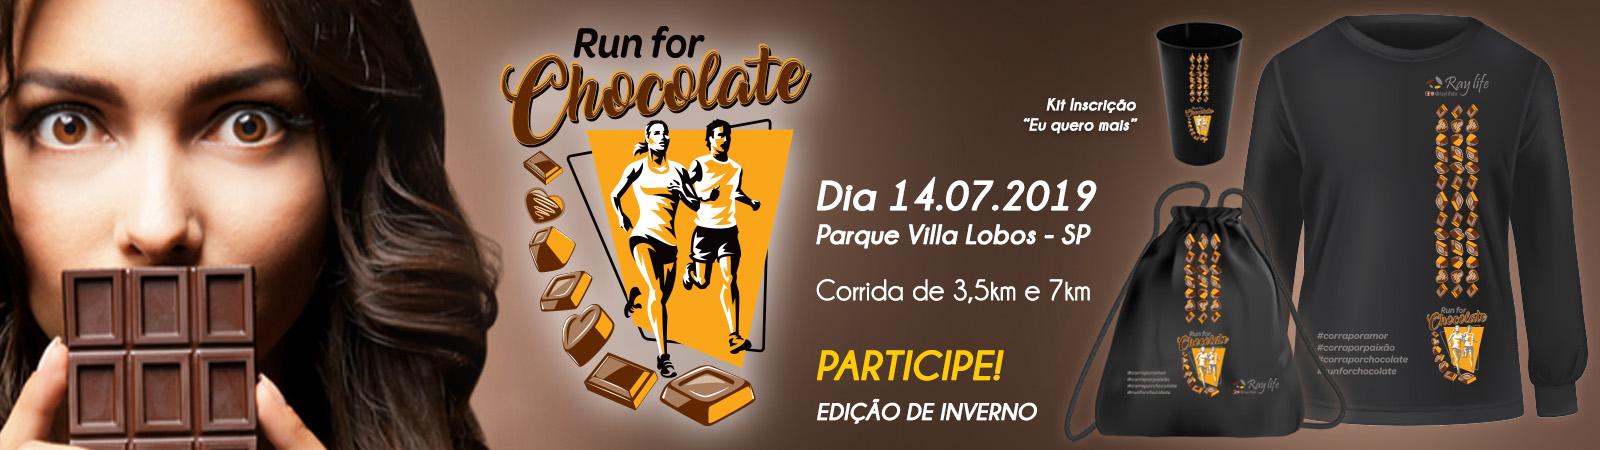 RUN FOR CHOCOLATE 2019 - EDIÇÃO INVERNO